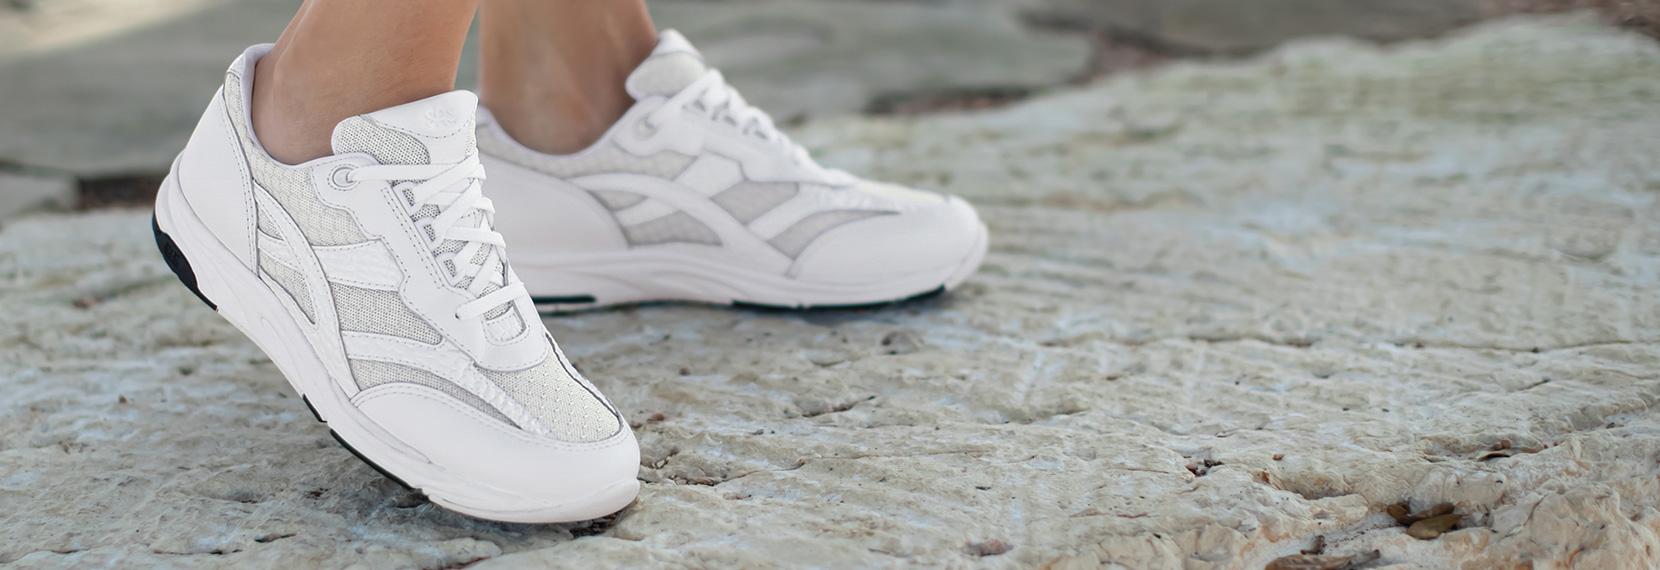 وقتی کفشهای شما کمی بو میگیرند  یا کثیف میشوند، بهتر است که آنها را در ماشین لباسشویی بیندازید